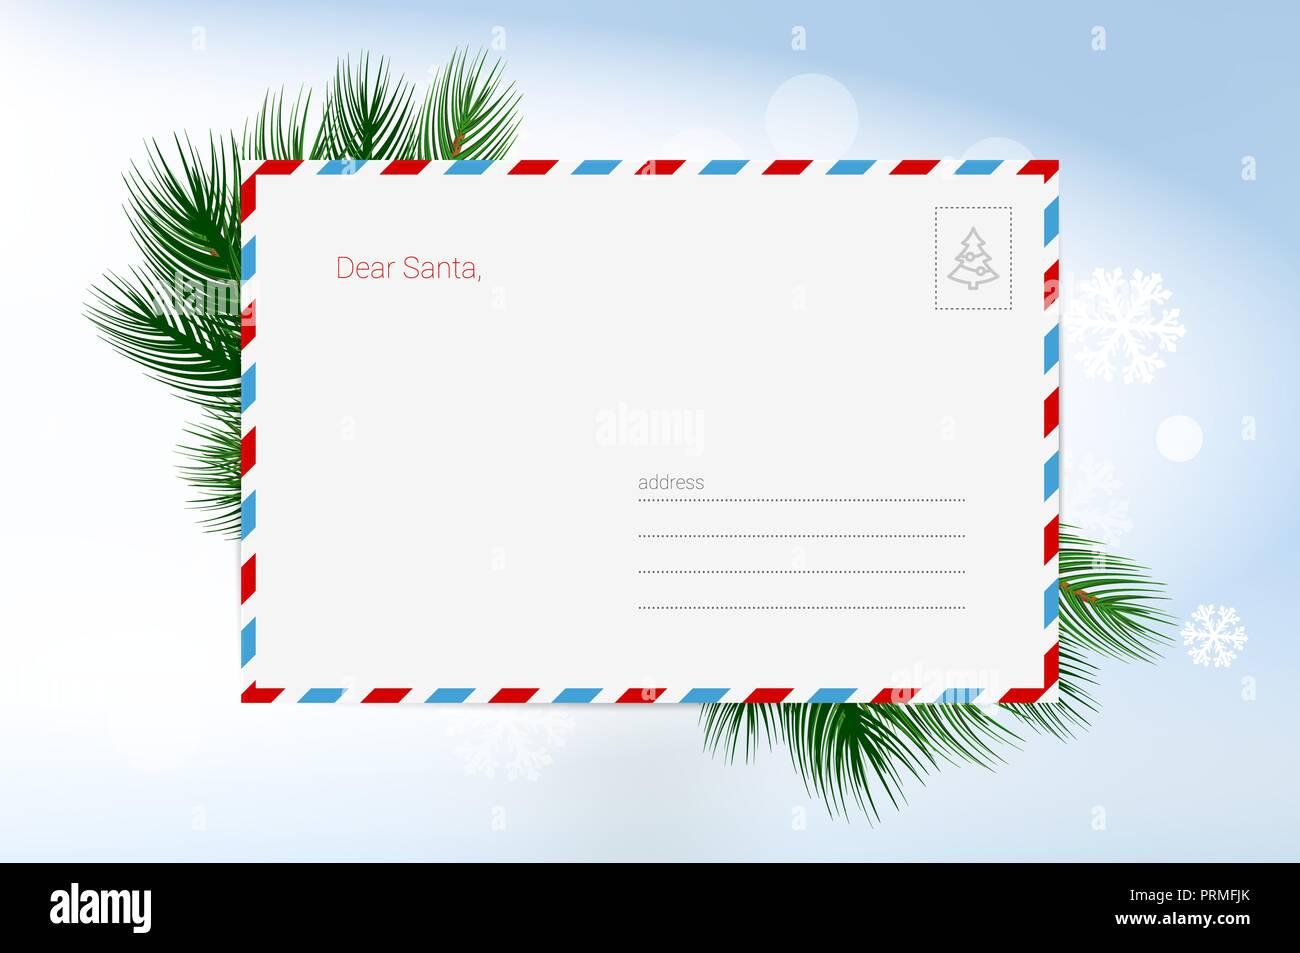 Presentaciones Feliz Navidad.Carta A Santa Claus Vector Plantilla De Tarjeta De